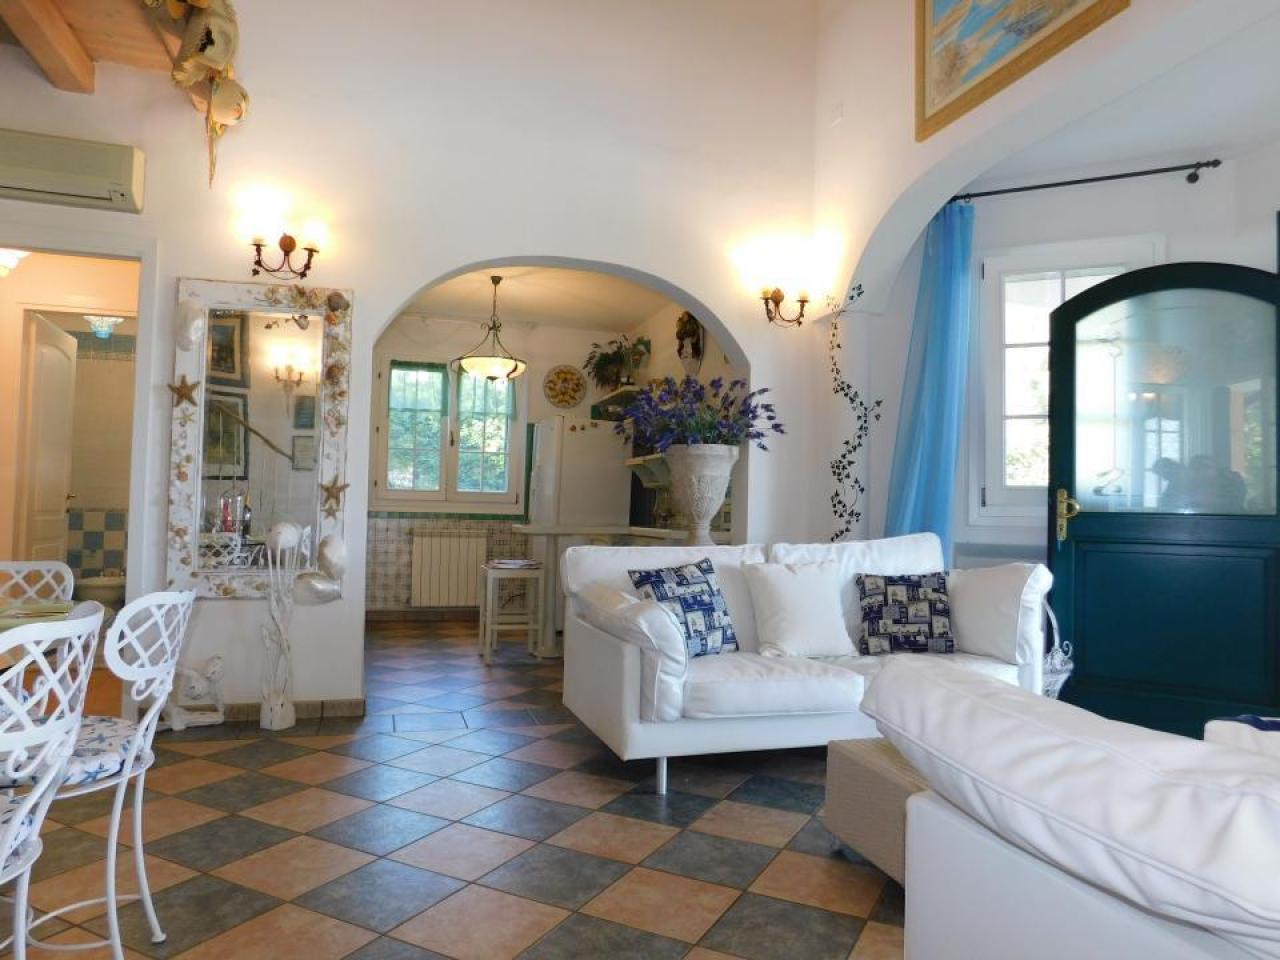 Аренда виллы для отдыха на острове Альбарелла, Италия - 3